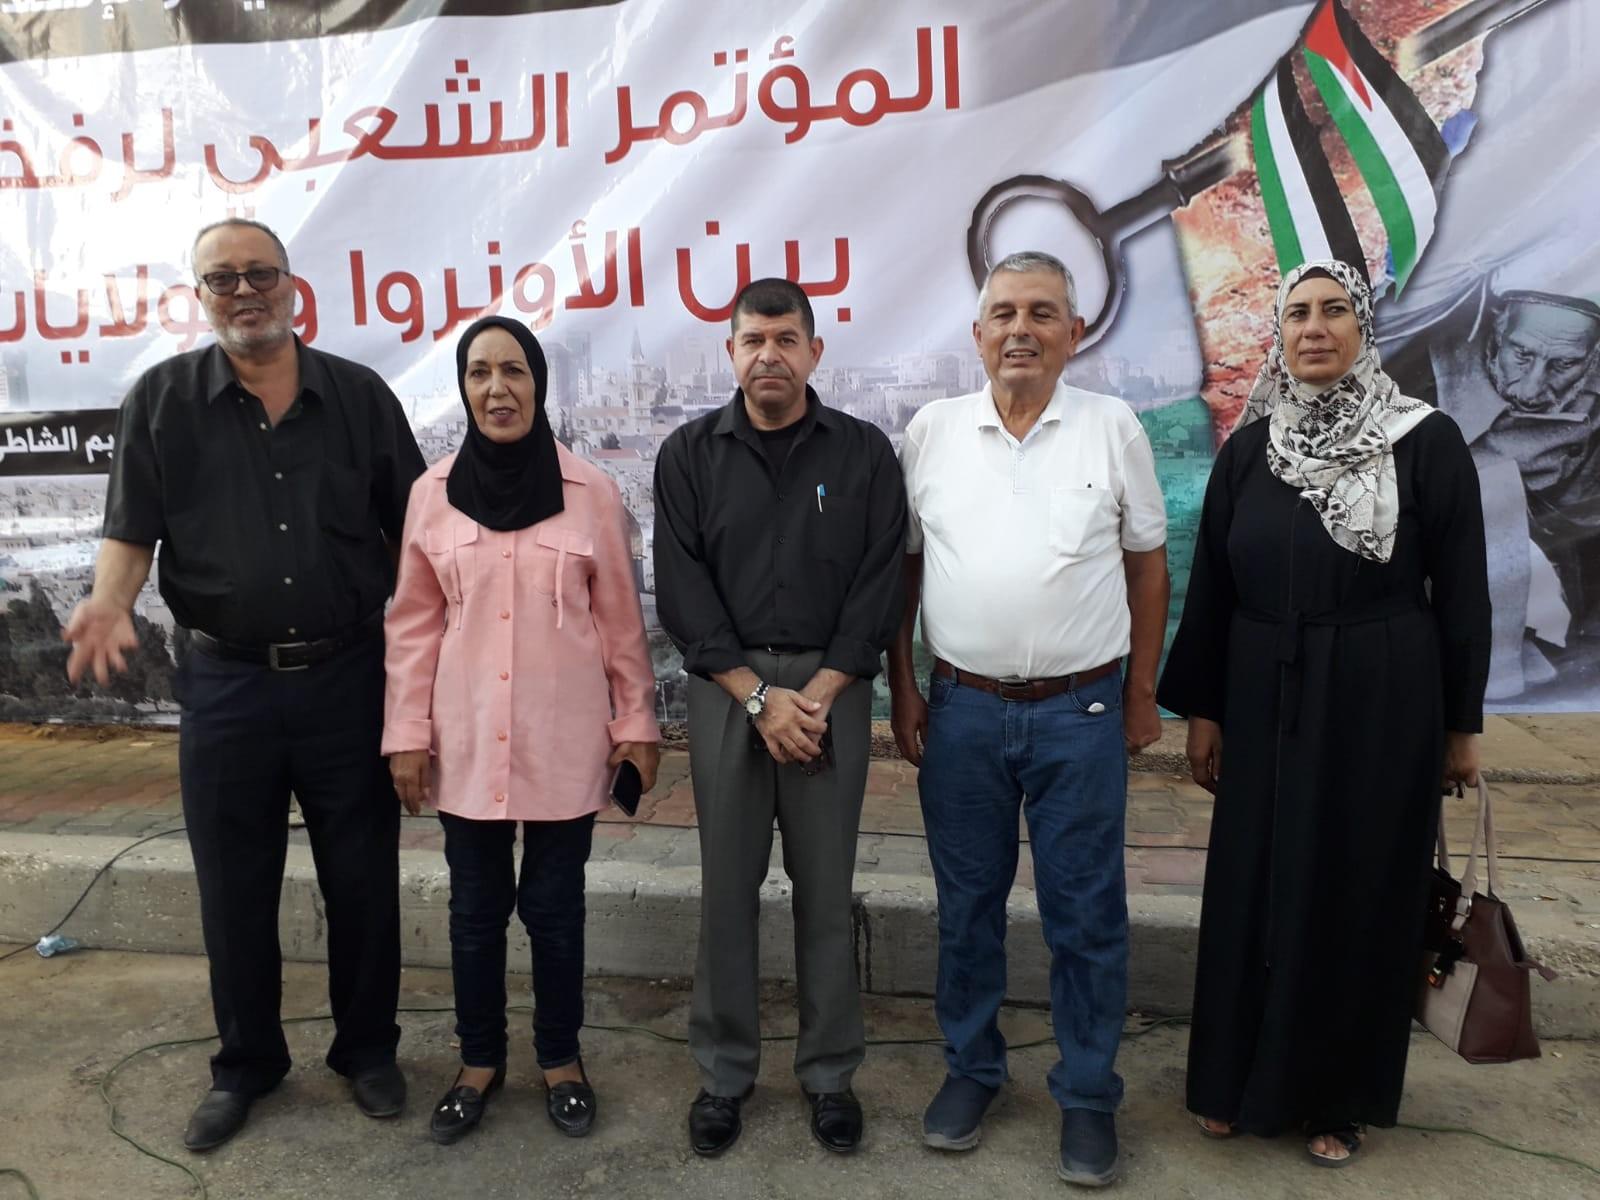 لتجمع  الفلسطيني  للوطن و الشتات  يشارك في المؤتمر  الشعبي رفضا لإتفاق الإطار بين  الأونروا و الخارجية الأمريكية  1